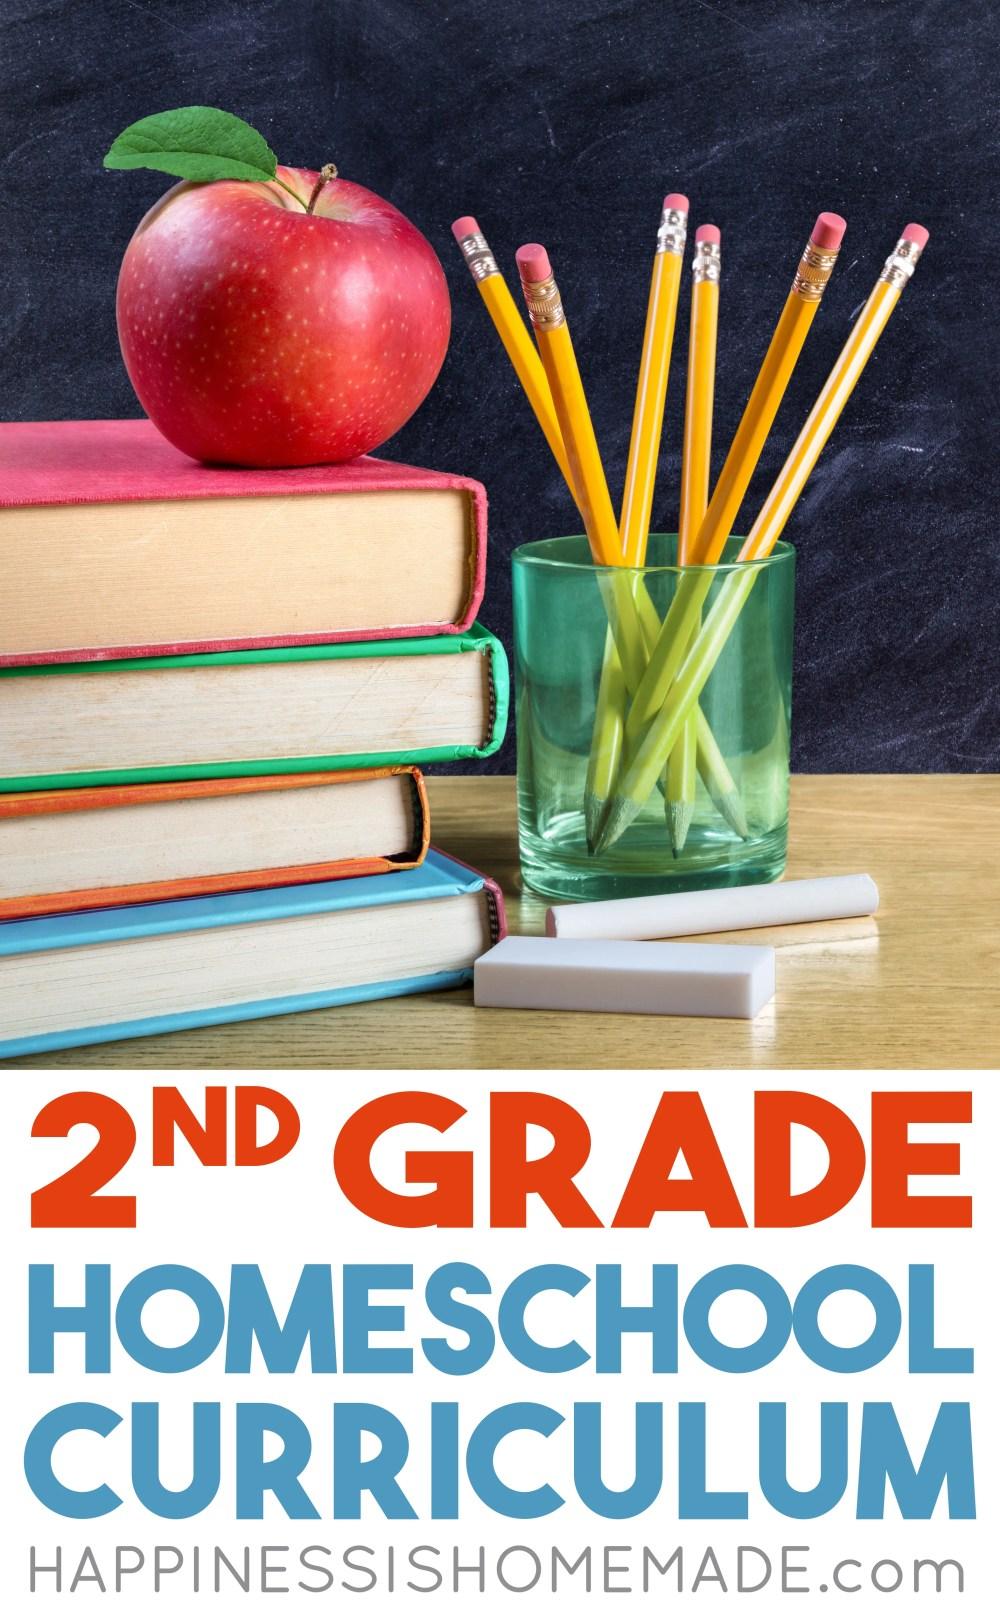 medium resolution of Homeschool Curriculum - 2nd Grade - Happiness is Homemade